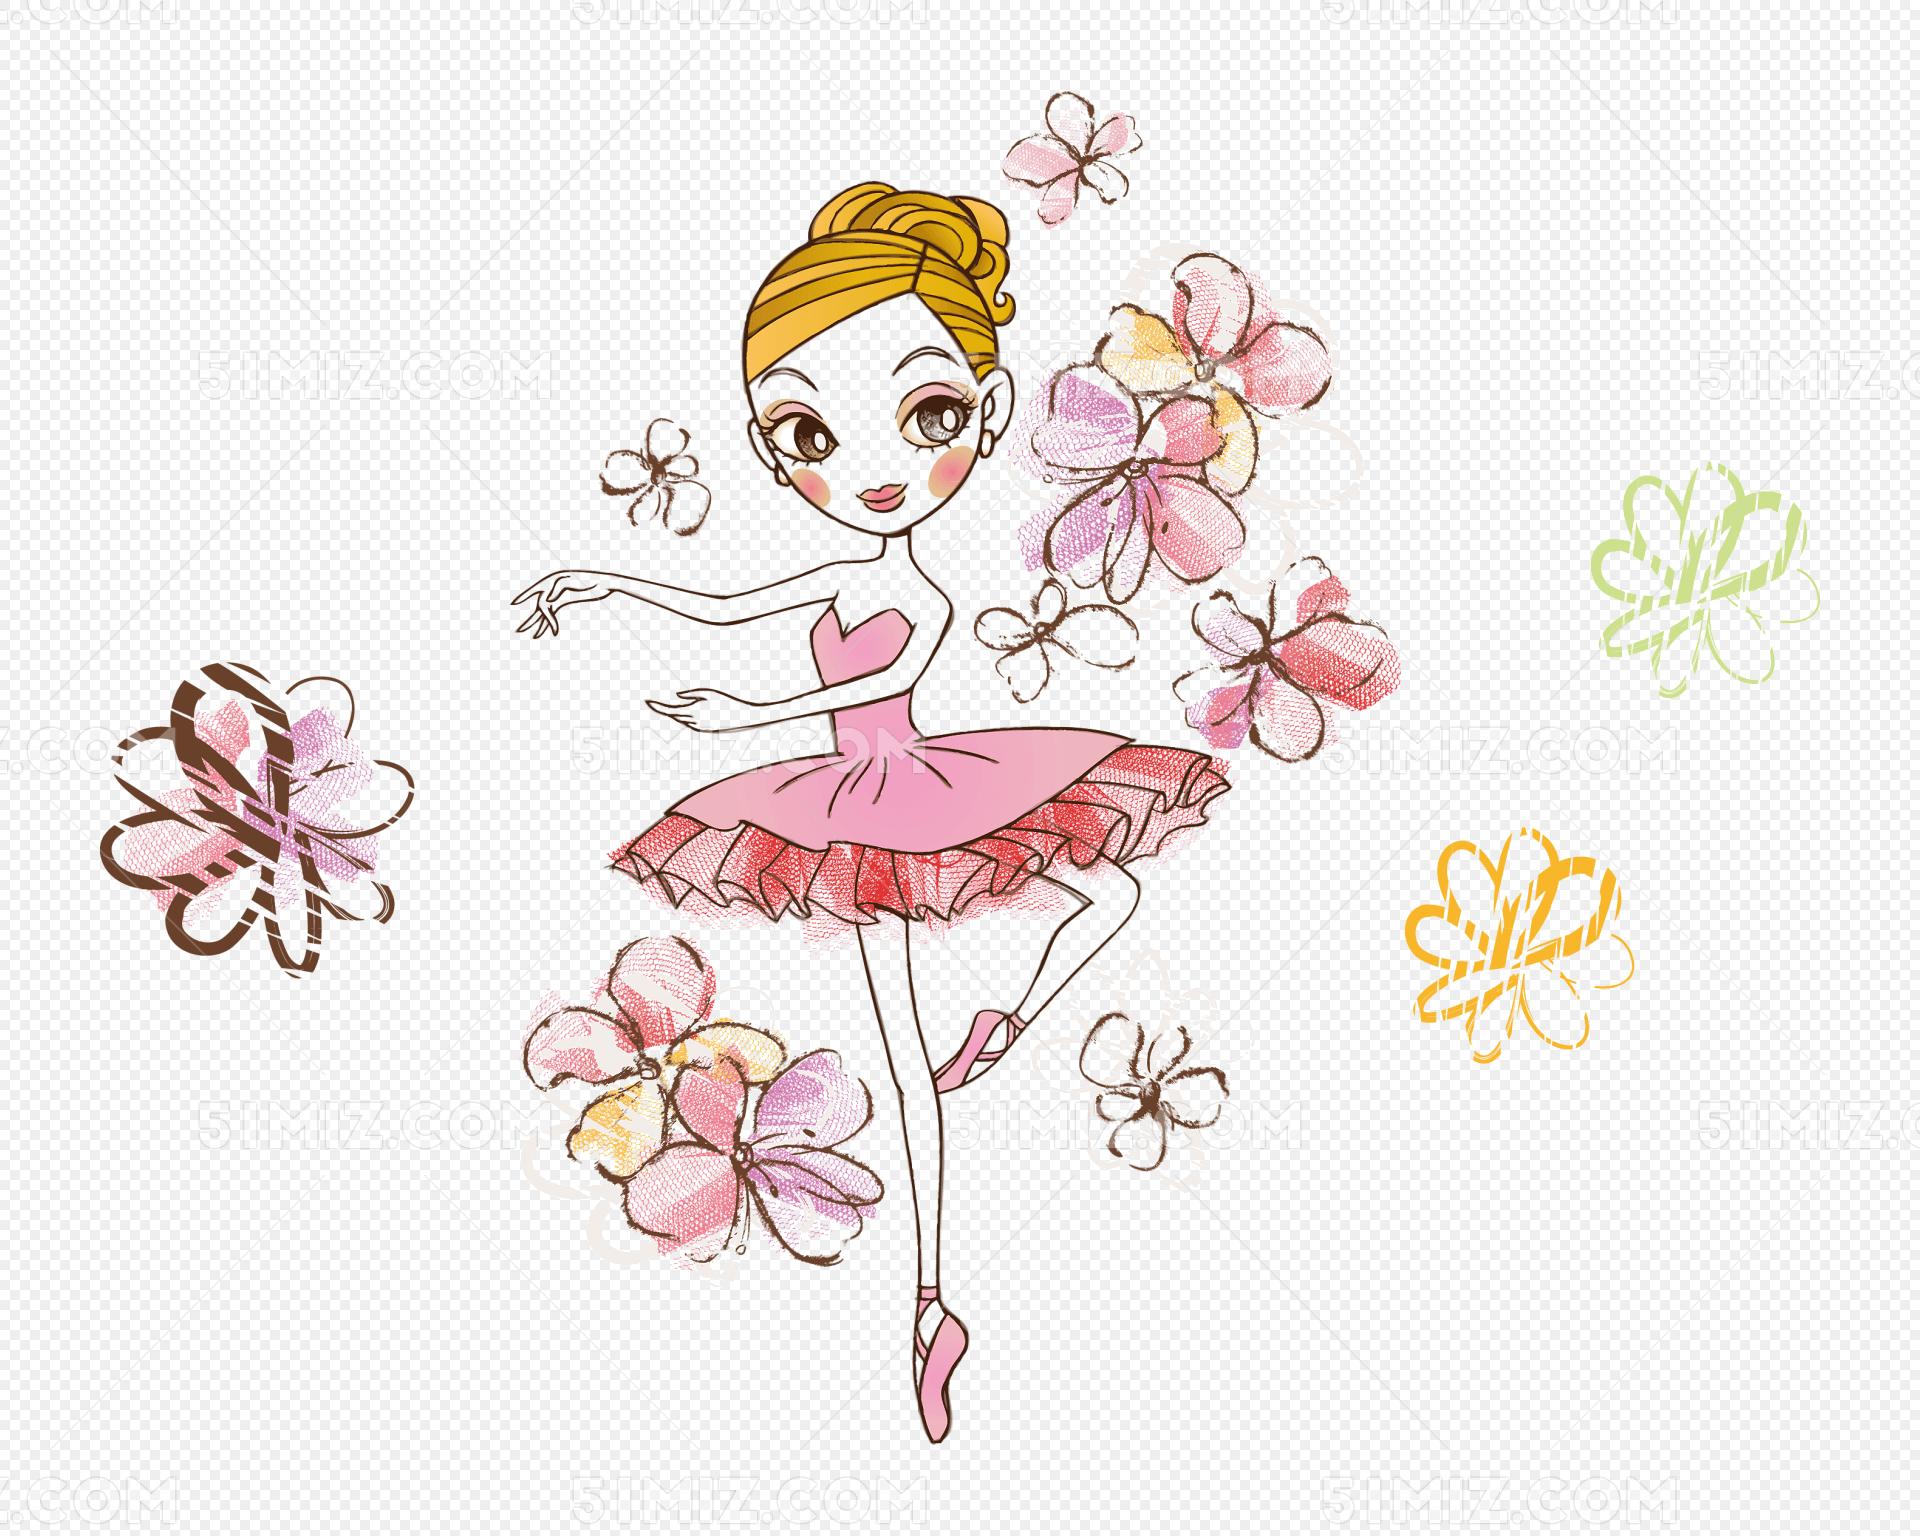 手绘矢量跳舞的女孩图片素材免费下载_觅知网